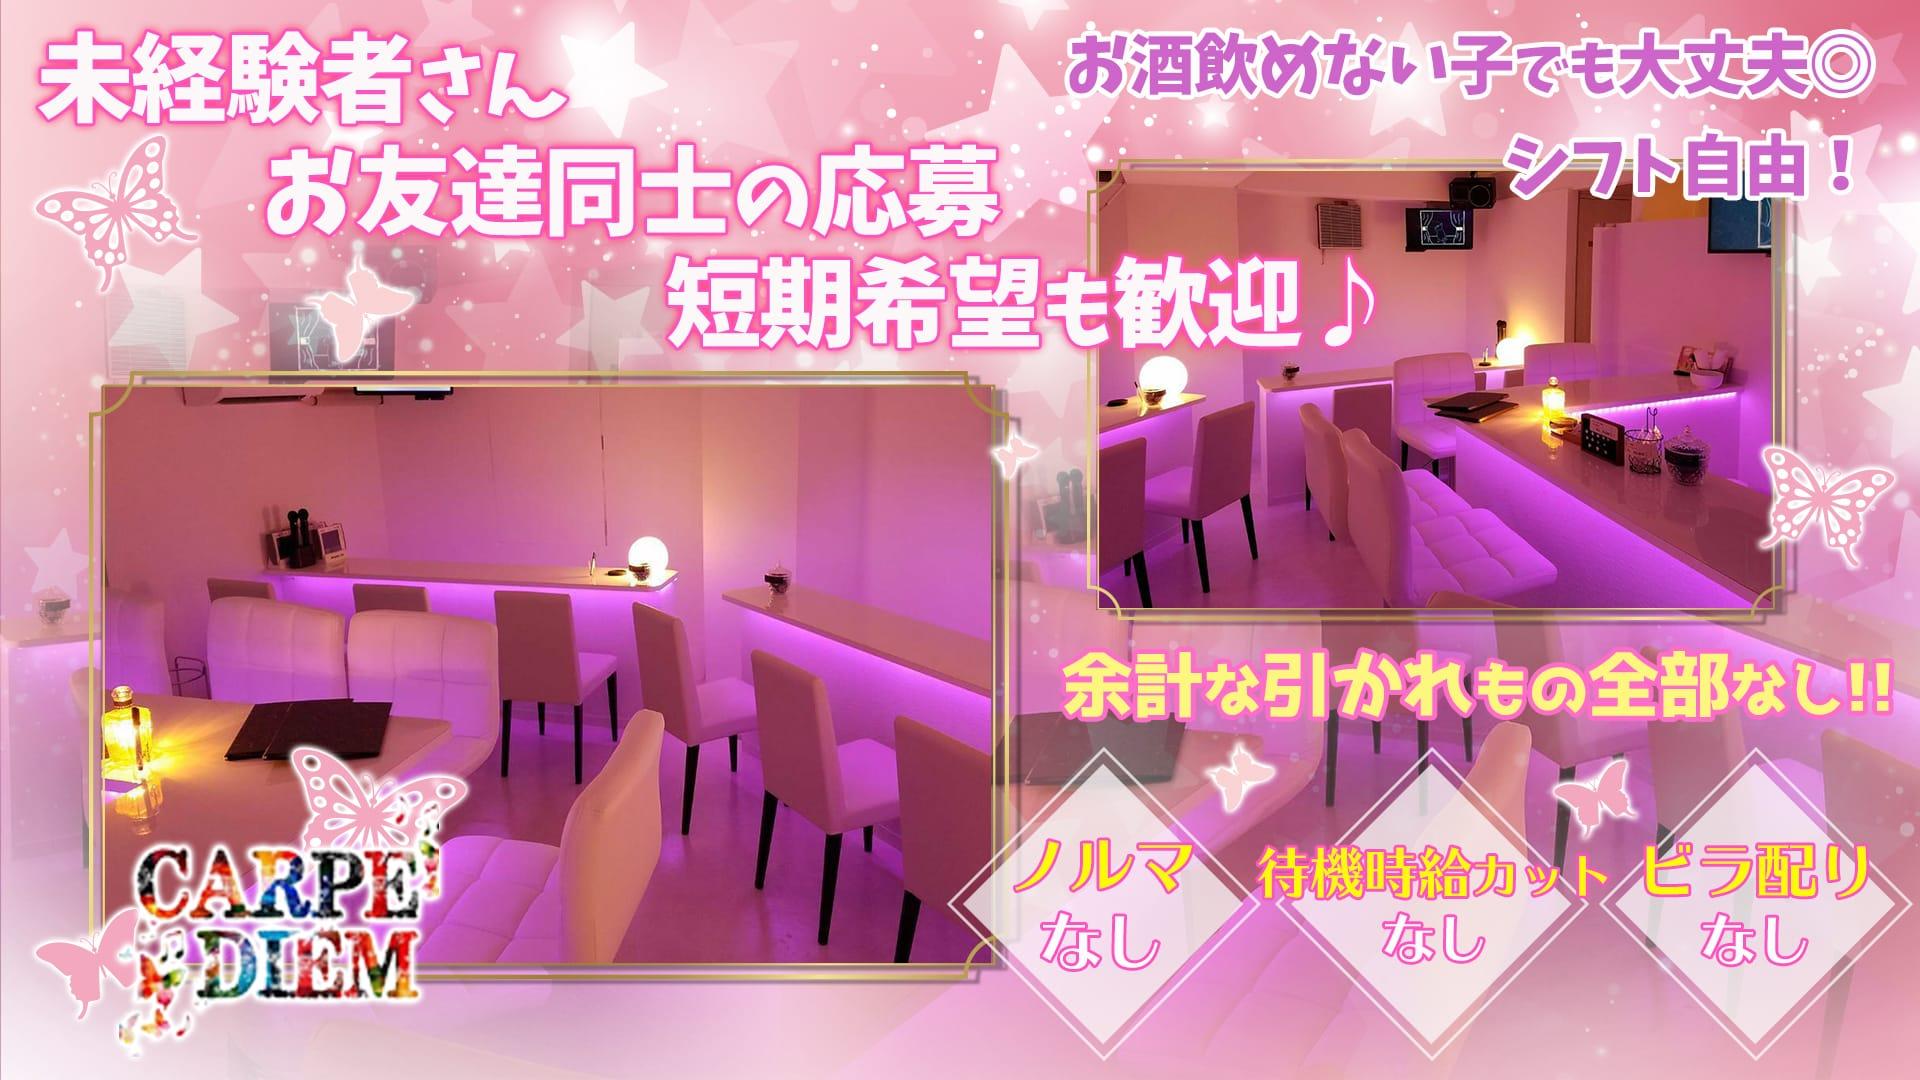 【24時間営業】コンカフェ&バー かるぺでゅ~む 歌舞伎町ガールズバー TOP画像